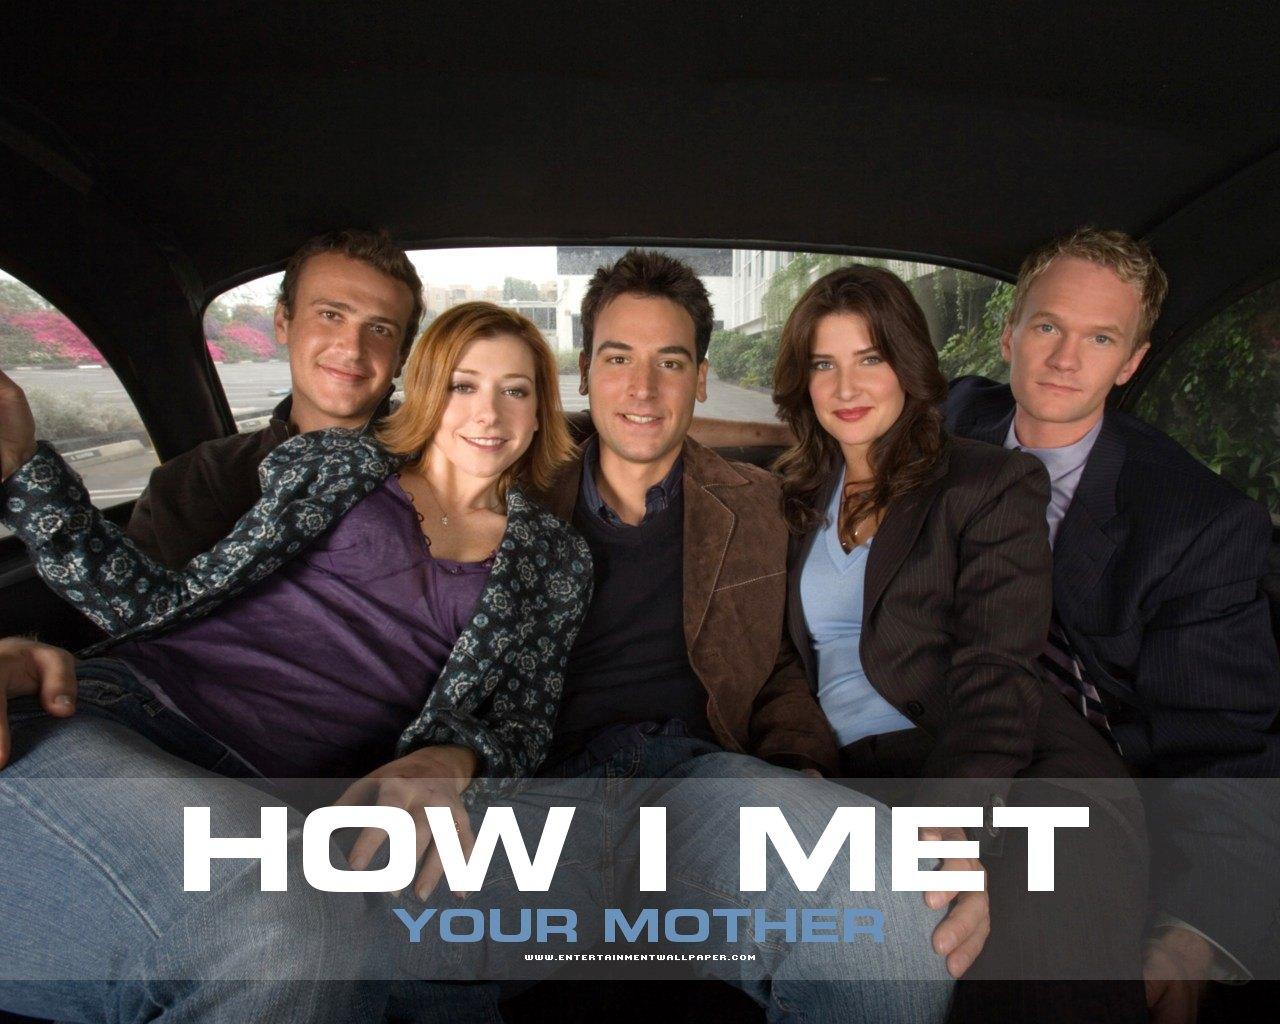 http://images.fanpop.com/images/image_uploads/How-I-Met-Your-Mother-Cast-how-i-met-your-mother-791275_1280_1024.jpg